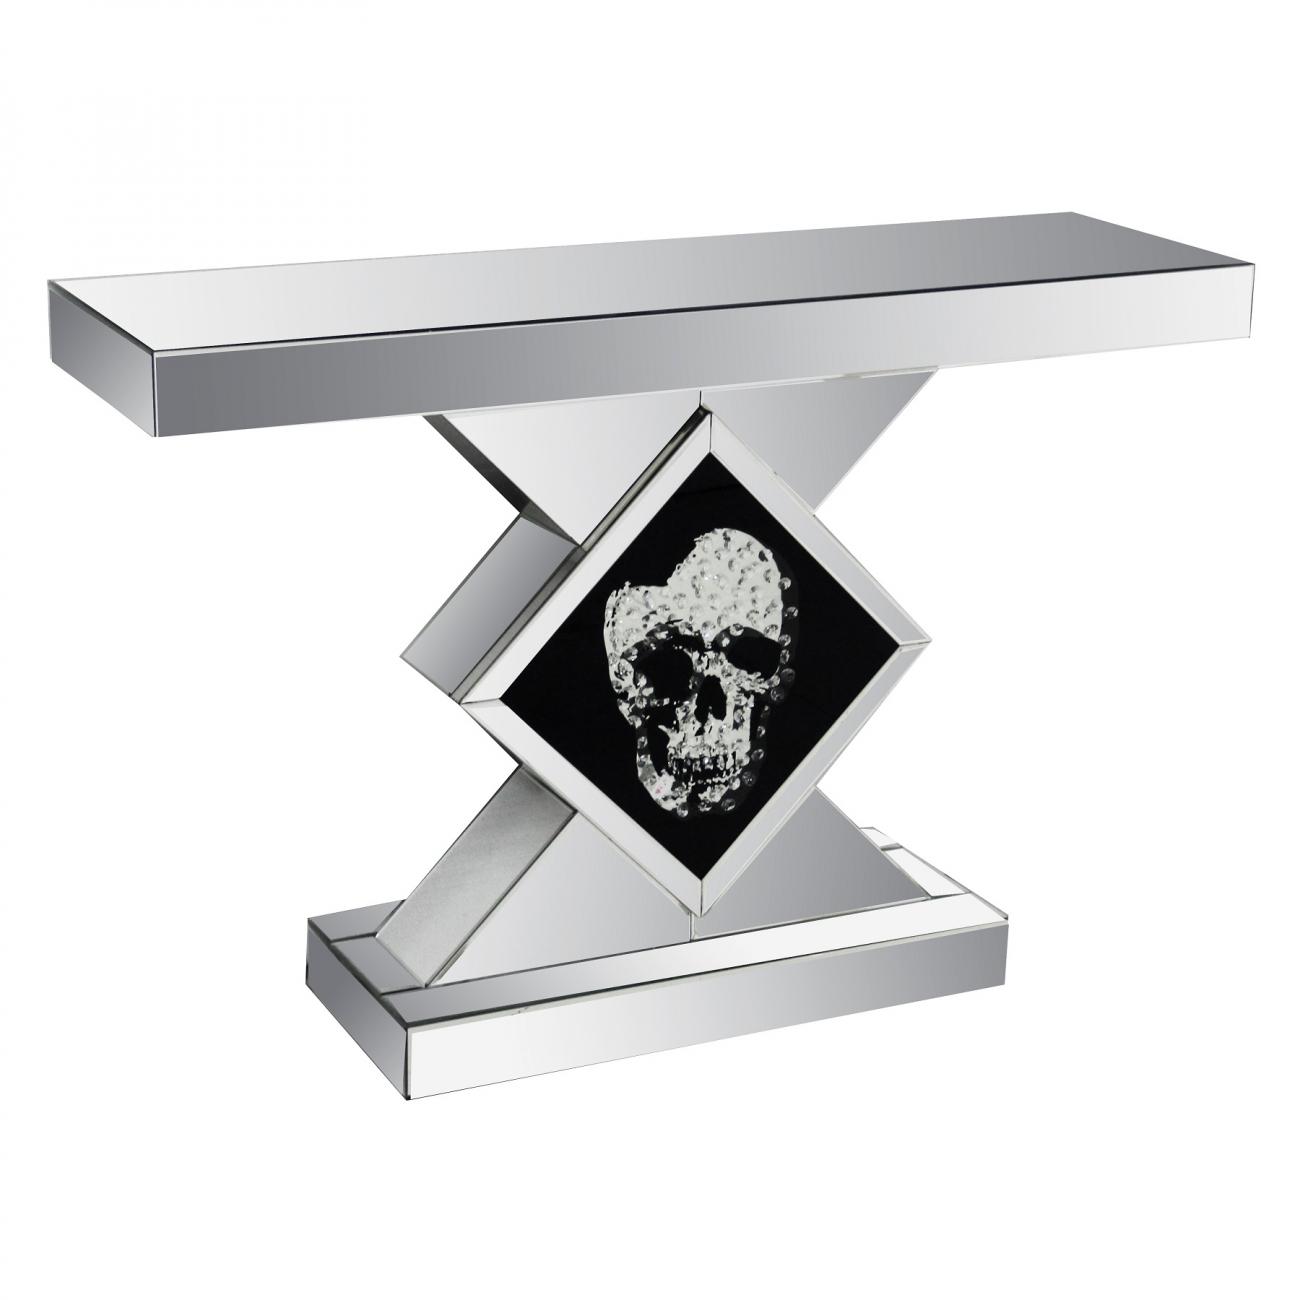 Купить Зеркальная консоль Череп в интернет магазине дизайнерской мебели и аксессуаров для дома и дачи